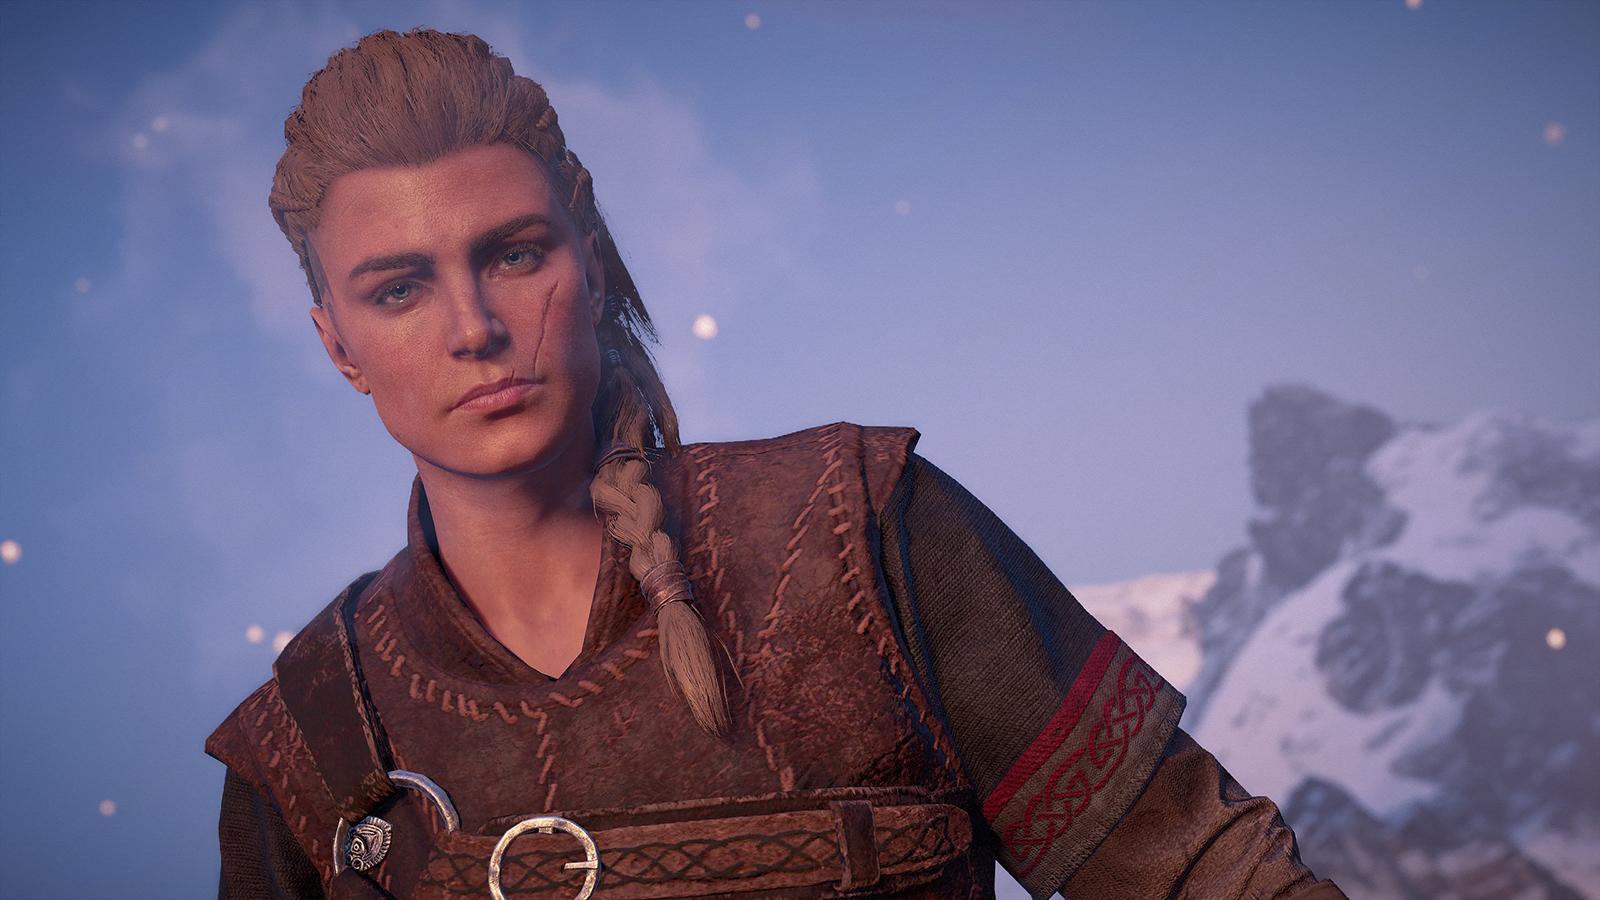 Portrait of Eivor in Valhalla using photo mode